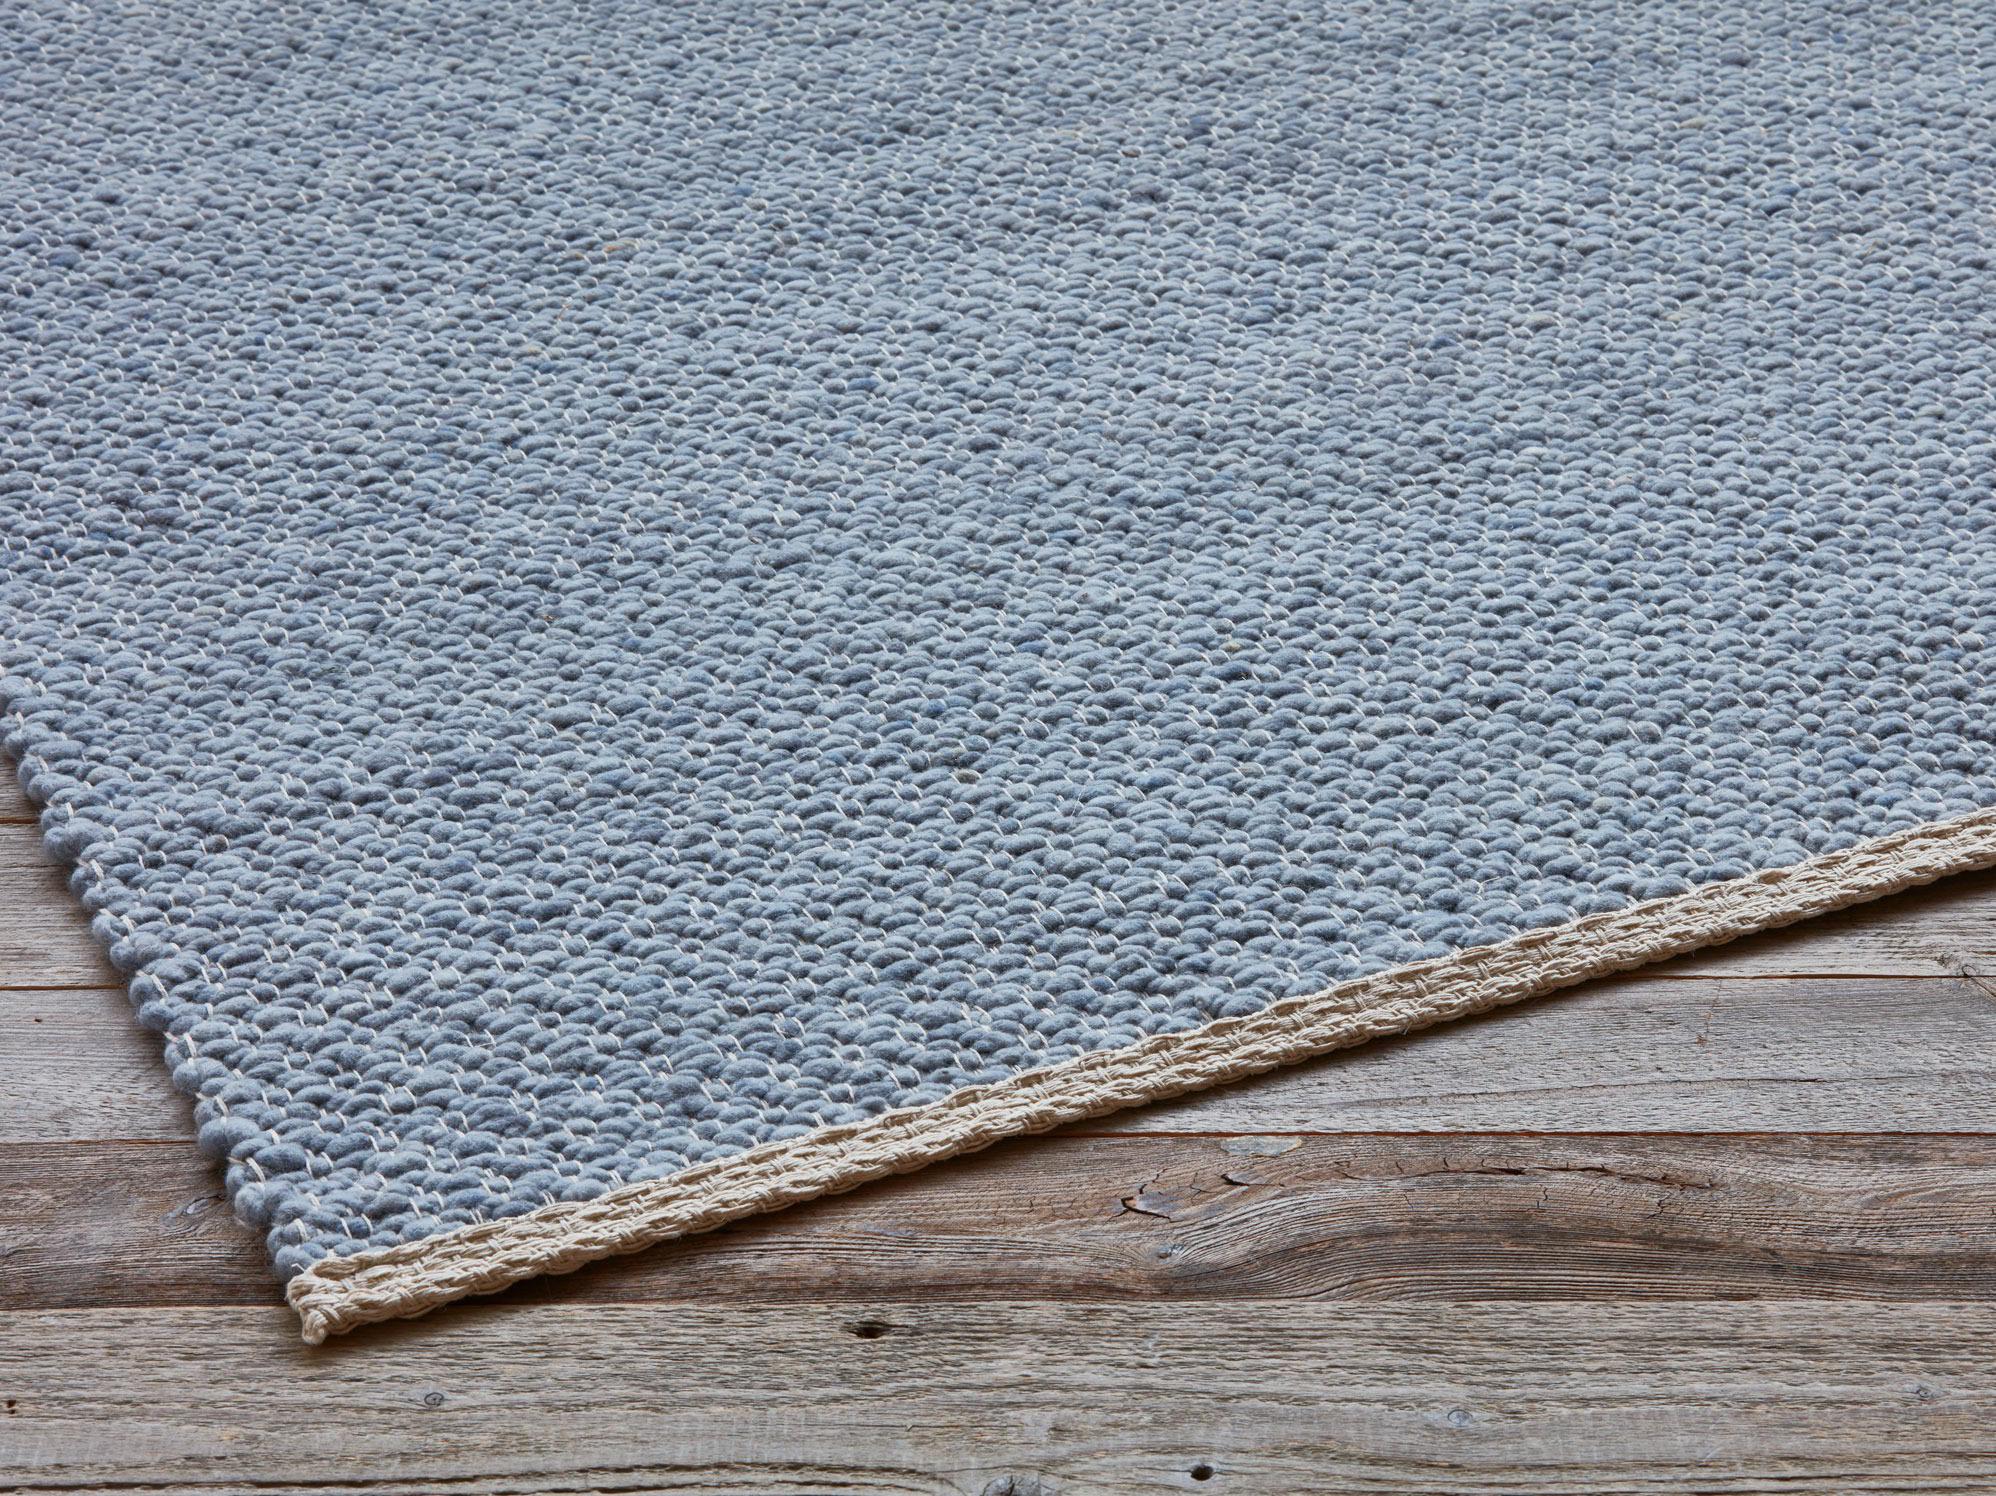 schafschurwoll teppich ambo 90 schafschurwolle 10. Black Bedroom Furniture Sets. Home Design Ideas